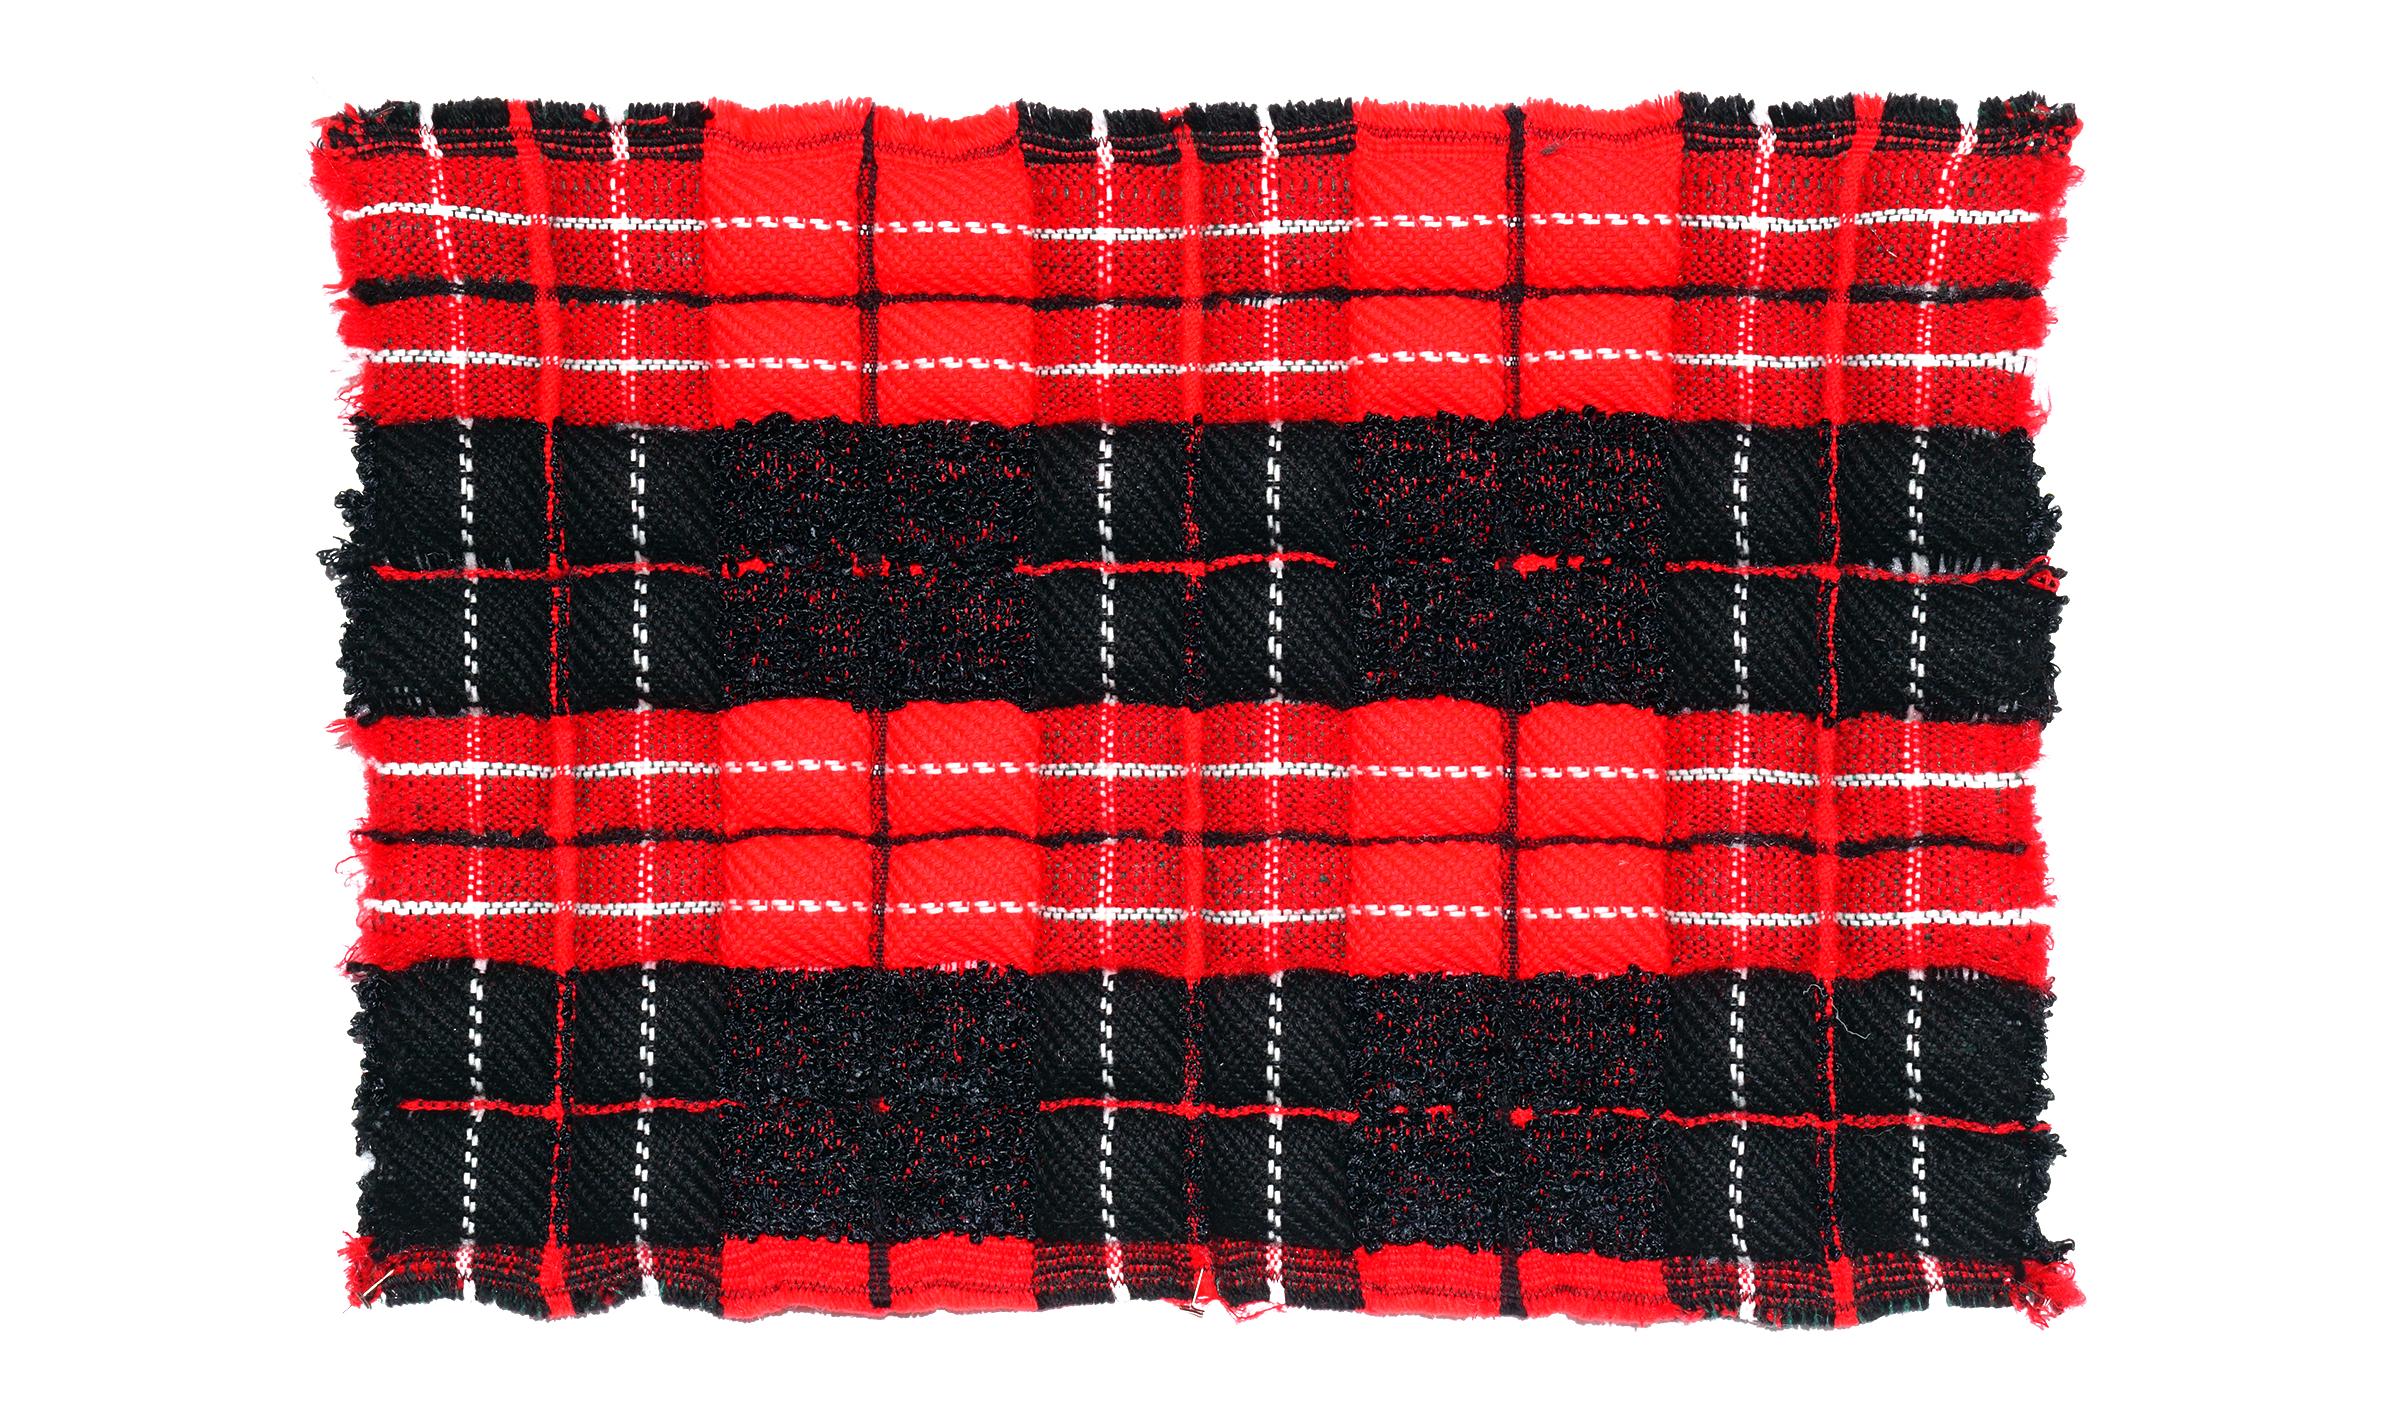 Puff 1 handwoven plaid textile.jpg